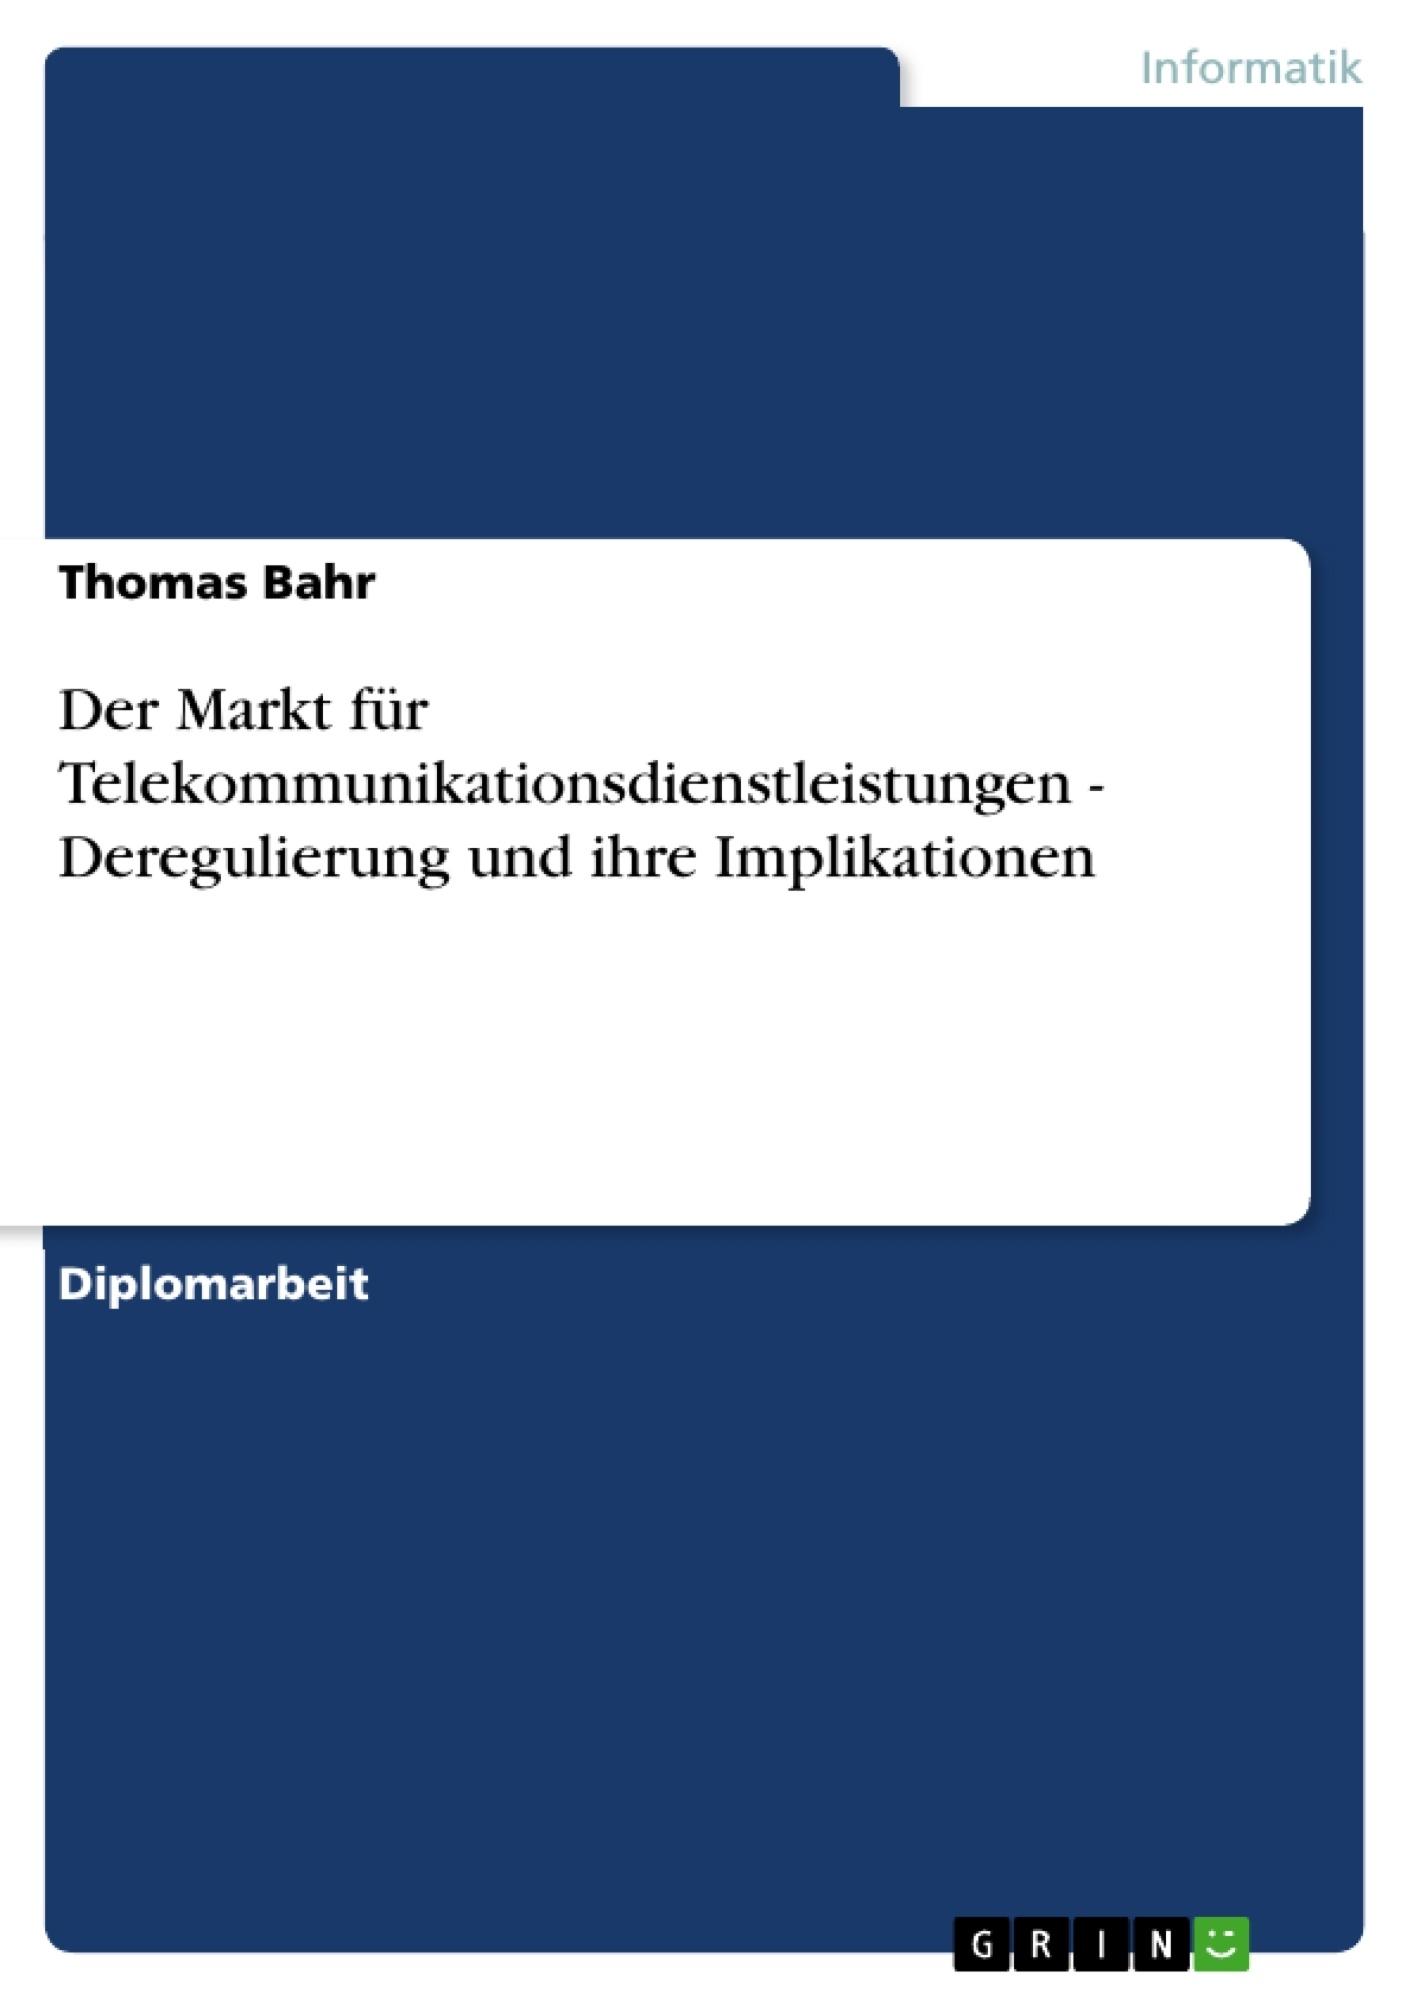 Titel: Der Markt für Telekommunikationsdienstleistungen - Deregulierung und ihre Implikationen